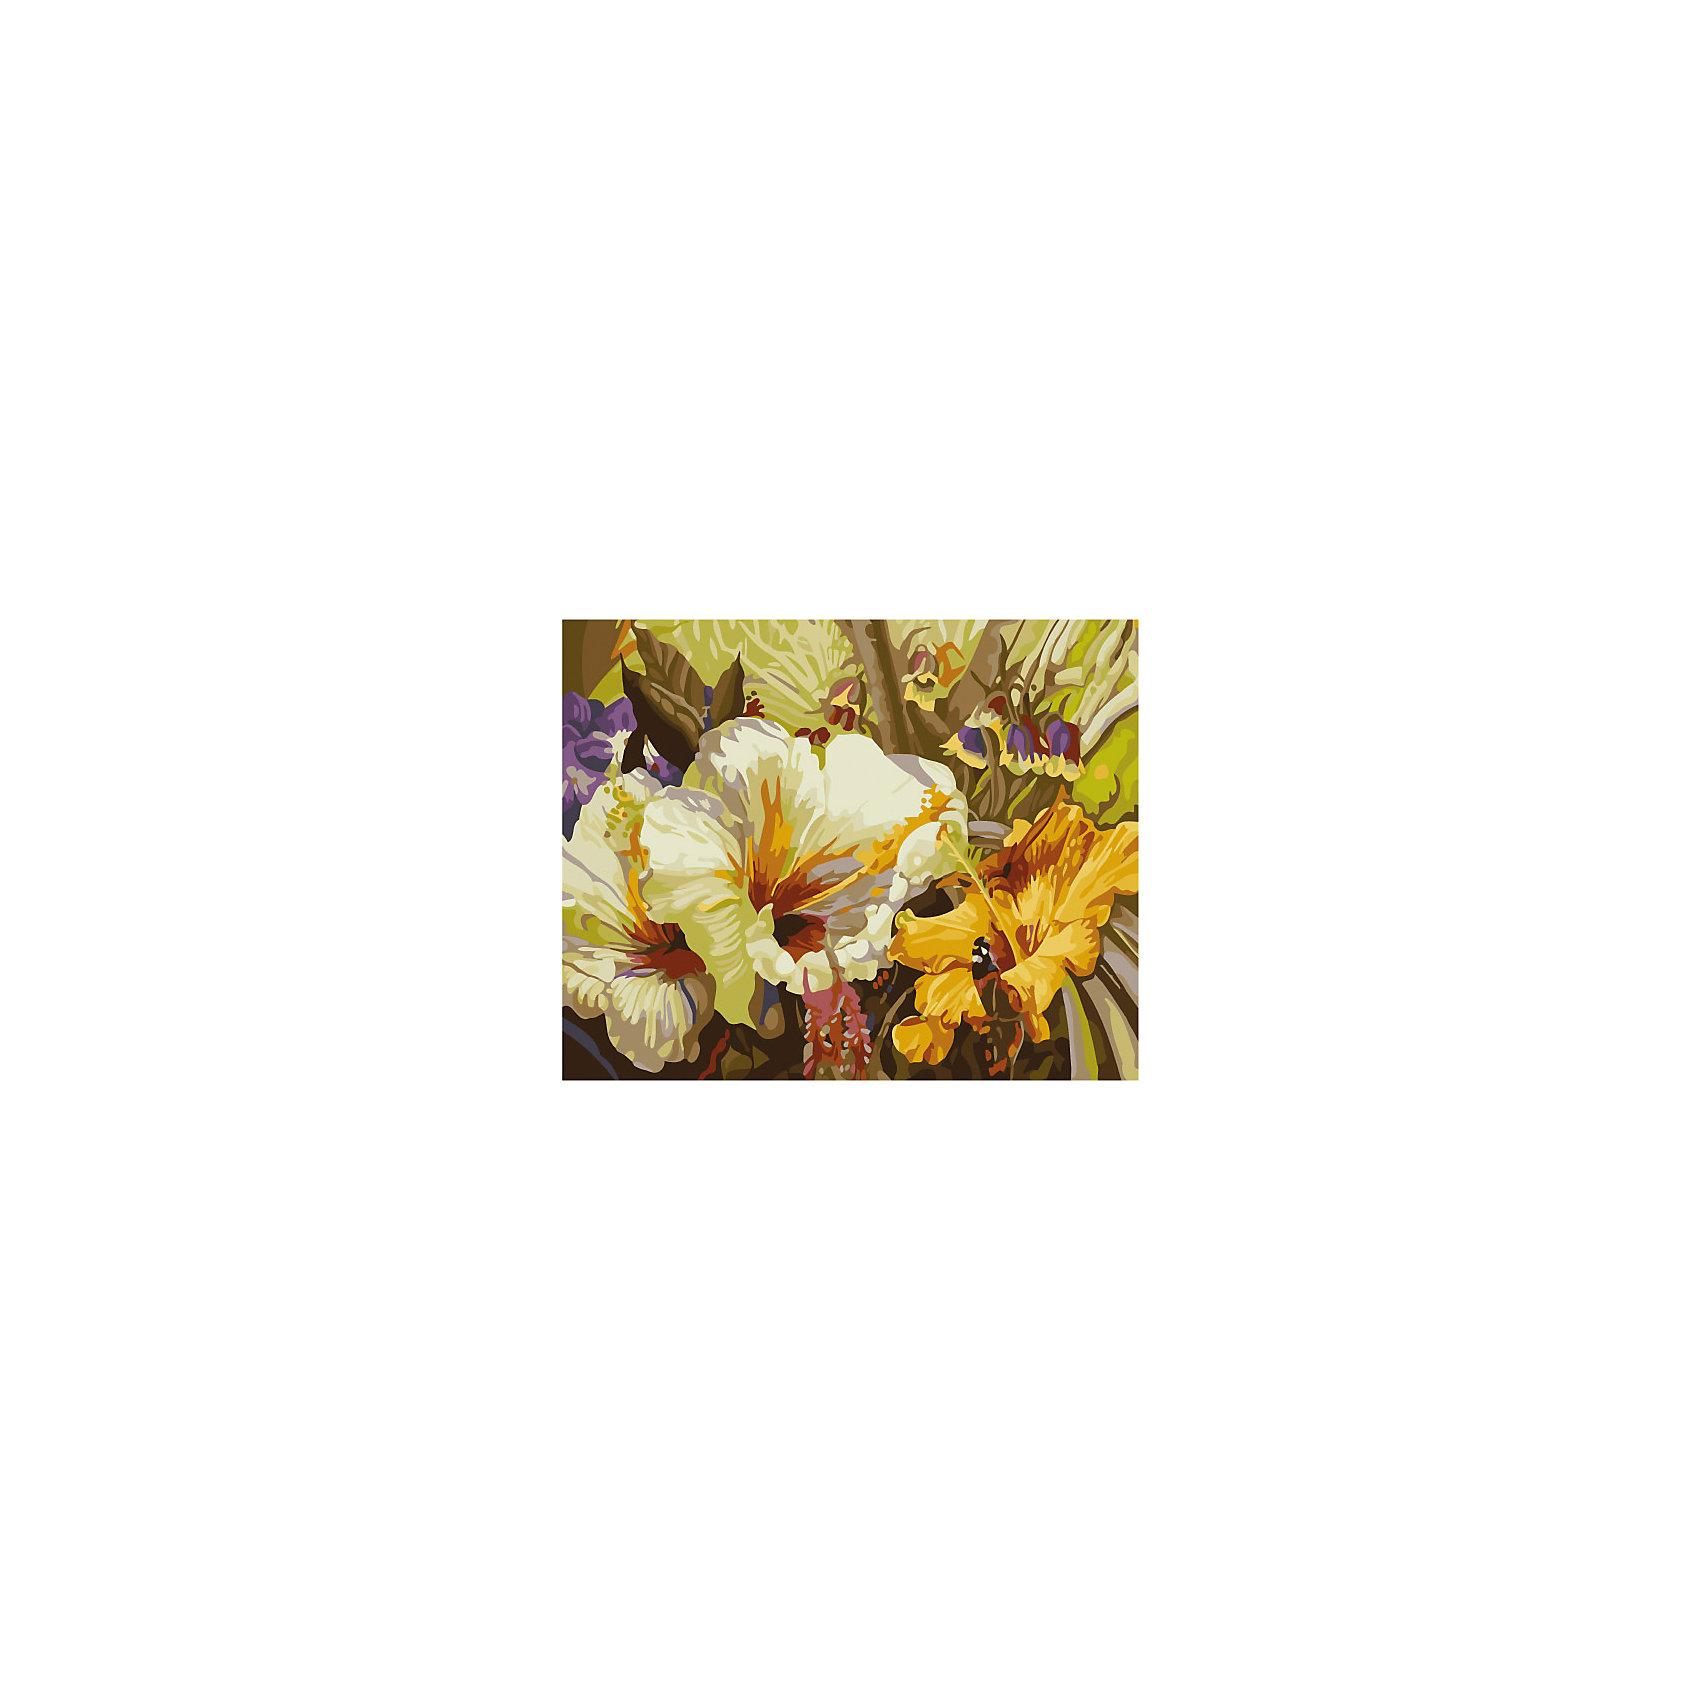 Роспись холста по номерам Цветочная соната, 40х50 см, CreattoРаскраски по номерам<br>Характеристики товара:<br><br>• количество цветов: 24 шт.<br>• комплект: холст с нанесенным рисунком, акриловые краски (24 цвета), 3 кисточки, крепежные петли для подвешивания холста, контрольная схема рисунка<br>• размер картинки: 40х50 см<br>• акриловые краски легко ложатся на холст, быстро сохнут, хорошо растворяются в воде, после высыхания становятся водонепроницаемыми<br>• состав: 100% хлопок, картон, пластик<br>• страна бренда: Россия<br>• страна изготовитель: Китай<br><br>В набор для творчества входит все, чтобы создать настоящее произведение искусства своими руками: холст с нанесенными контурами рисунка, краски, палитра, кисточка. Можно раскрасить рисунок по образцу. Смешивая краски, юный художник получит новые цвета и оттенки. Ткань обработана специальным составом, который обеспечивает нанесение красок равномерным слоем.<br><br>Набор «Роспись холста по номерам Цветочная соната, 40х50 см, Creatto» вы можете приобрести в нашем интернет-магазине.<br><br>Ширина мм: 500<br>Глубина мм: 400<br>Высота мм: 150<br>Вес г: 479<br>Возраст от месяцев: 84<br>Возраст до месяцев: 2147483647<br>Пол: Унисекс<br>Возраст: Детский<br>SKU: 5453454